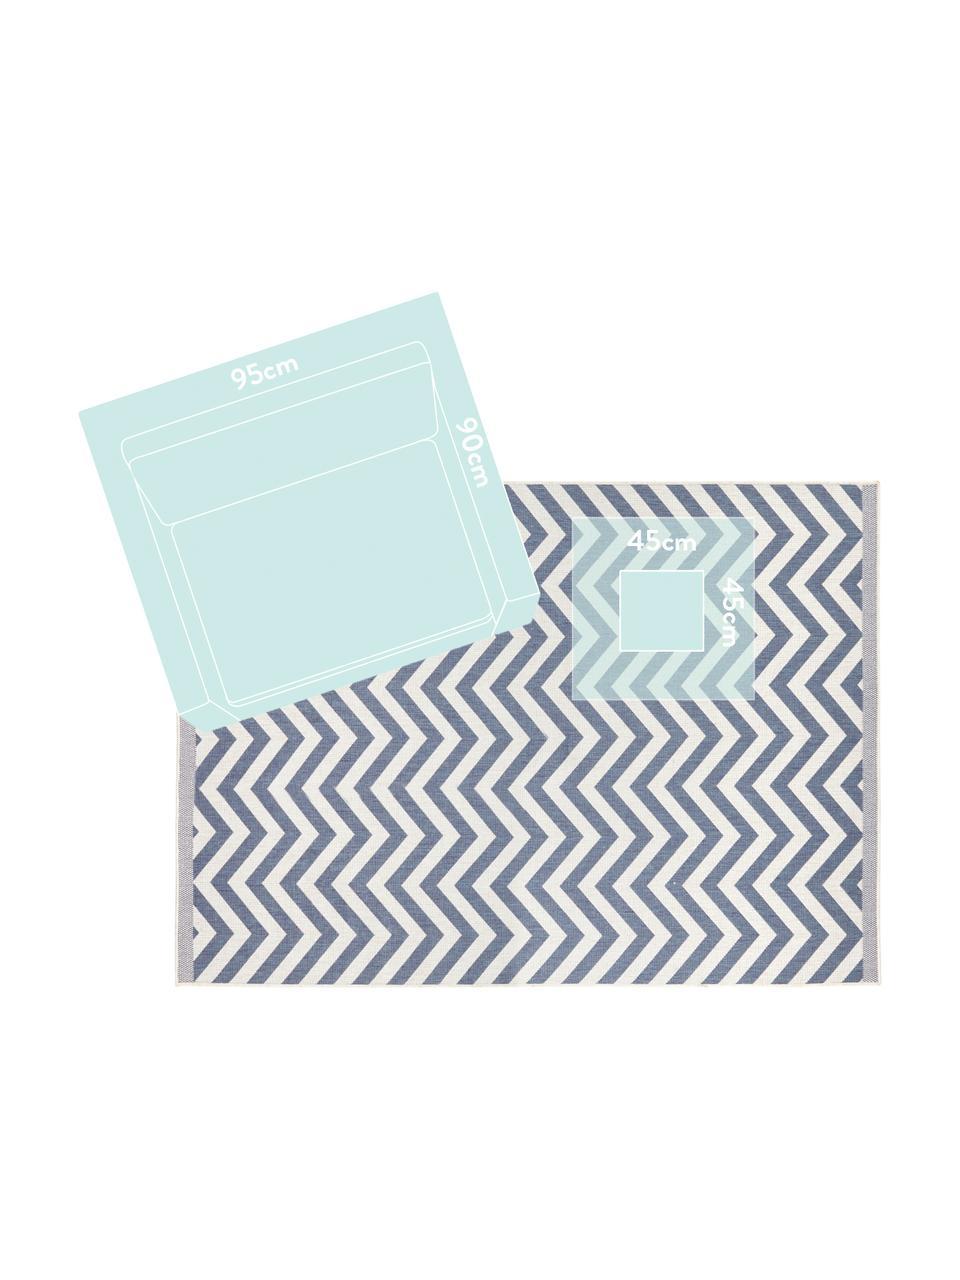 Tappeto reversibile da interno-esterno con motivo zigzag Palma, Blu, crema, Larg. 200 x Lung. 290 cm (taglia L)